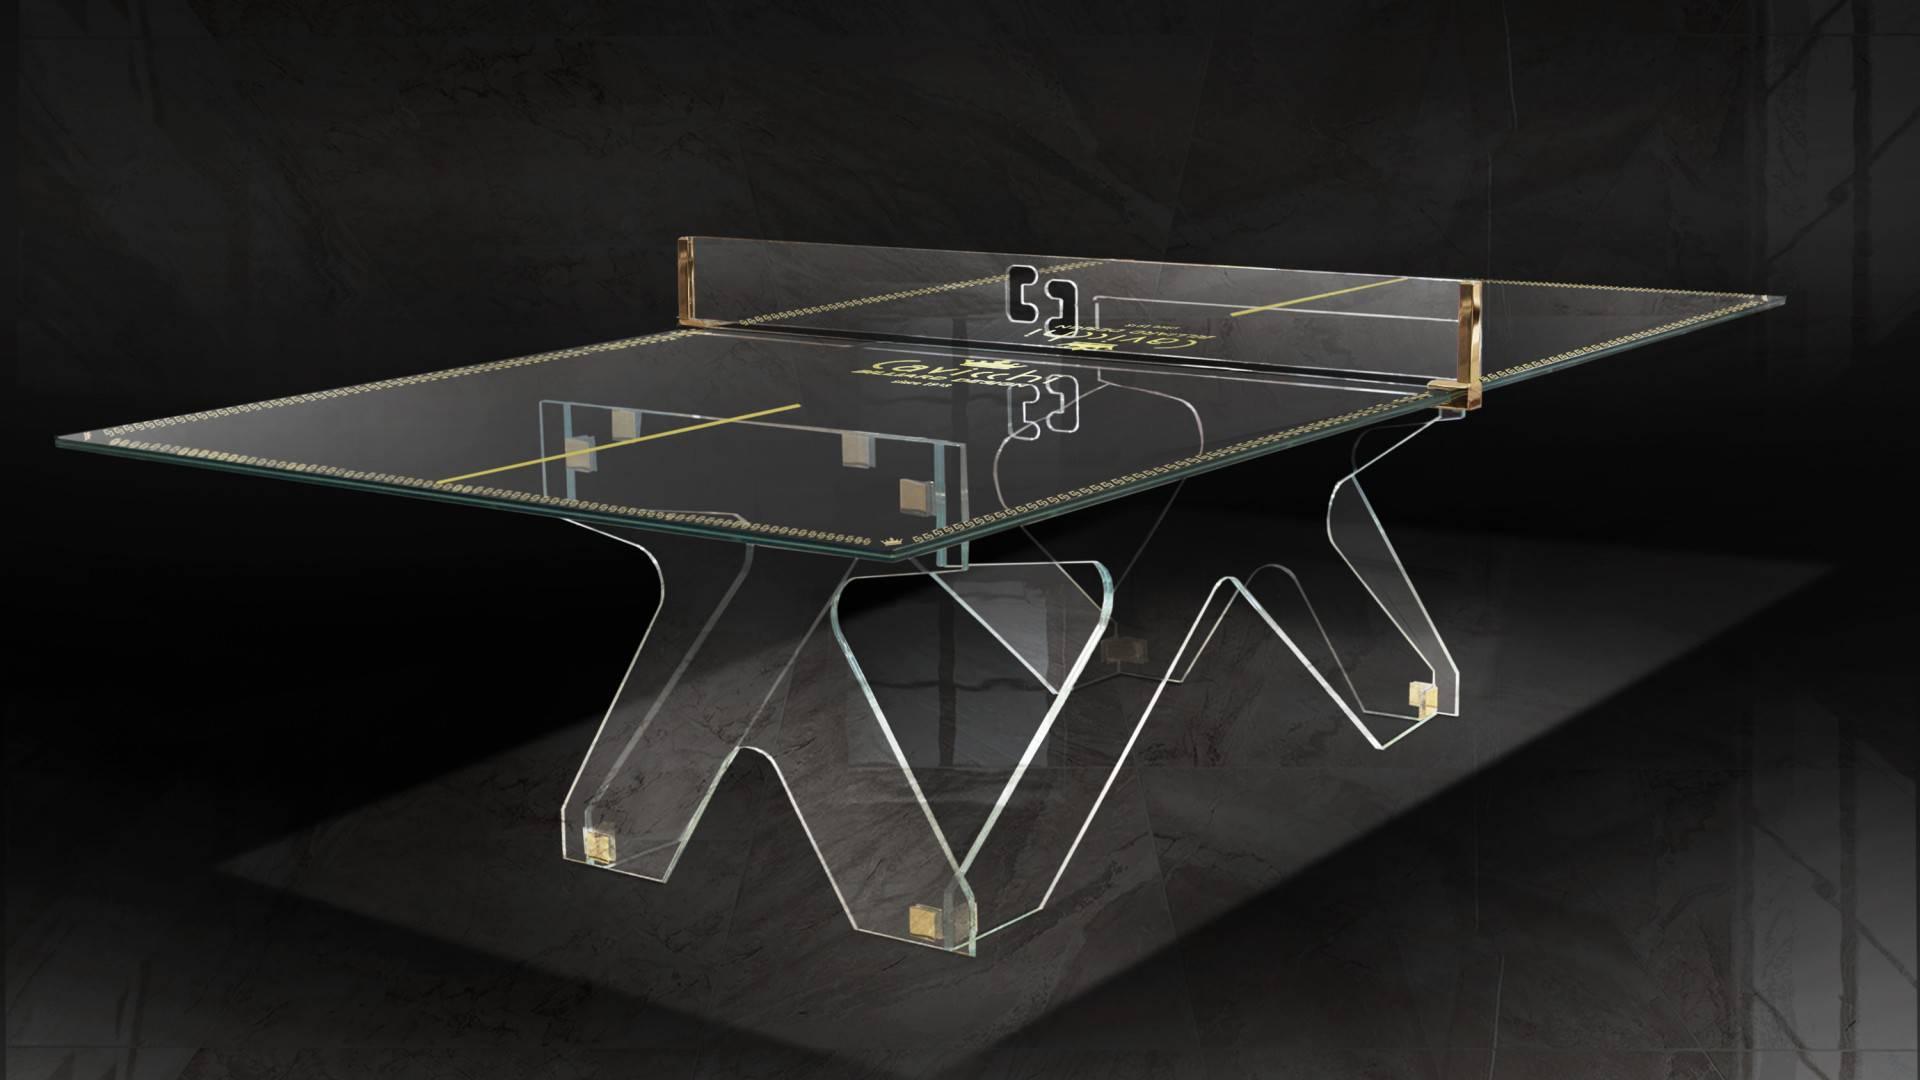 News crystal tennistavolo ping pong riunioni tavoli da riunioni arredo biliardi cavicchi - Tavoli da ping pong usati ...